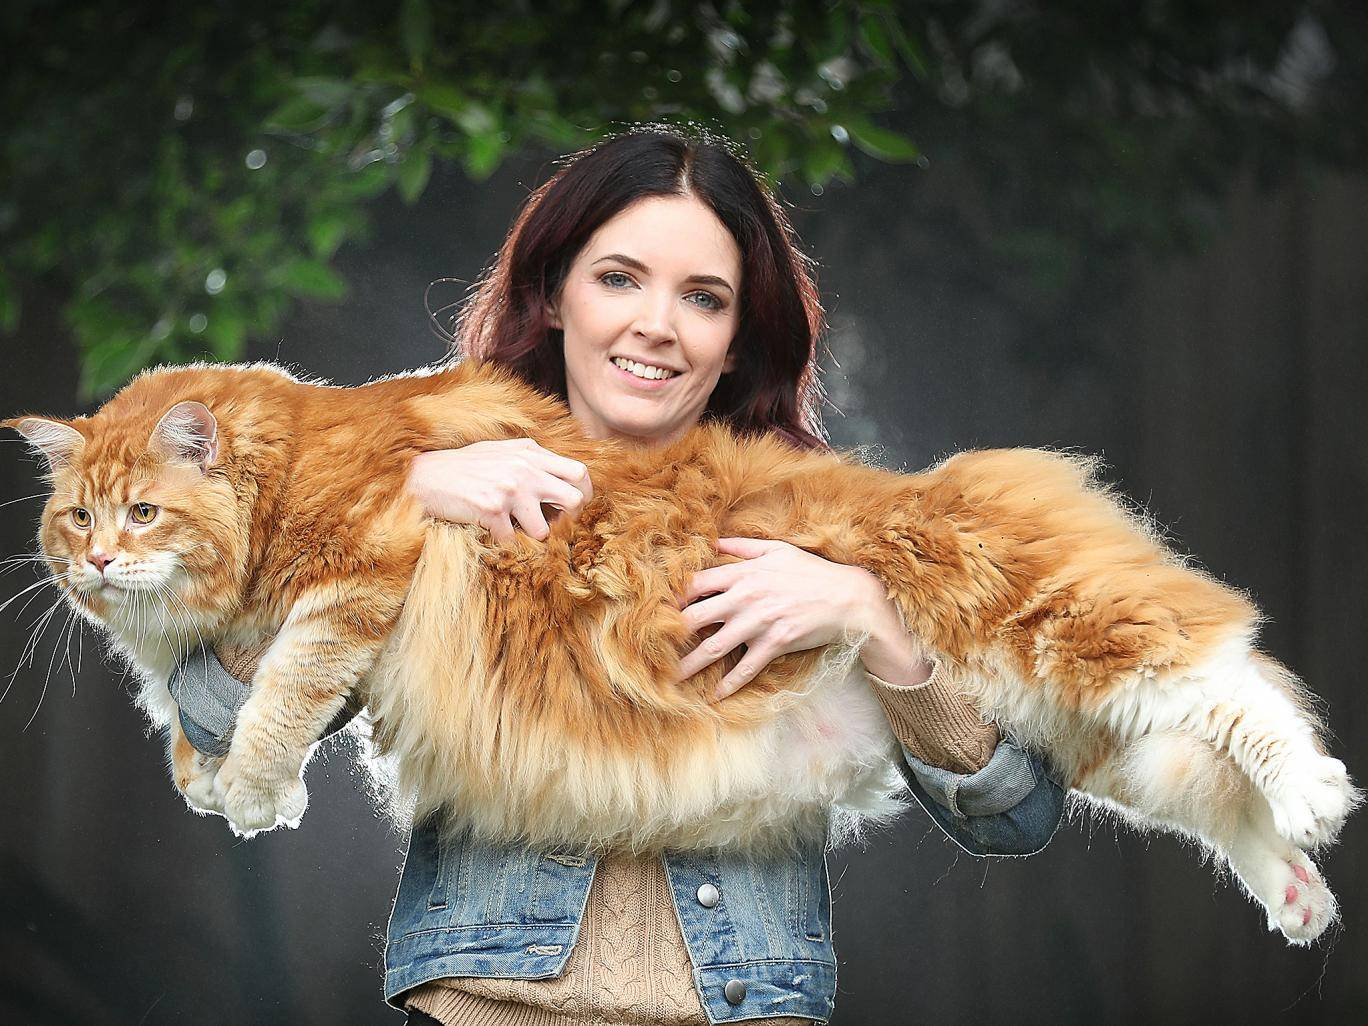 Самые толстые коты и кошки в мире: рейтинг рекордсменов и последствия ожирения